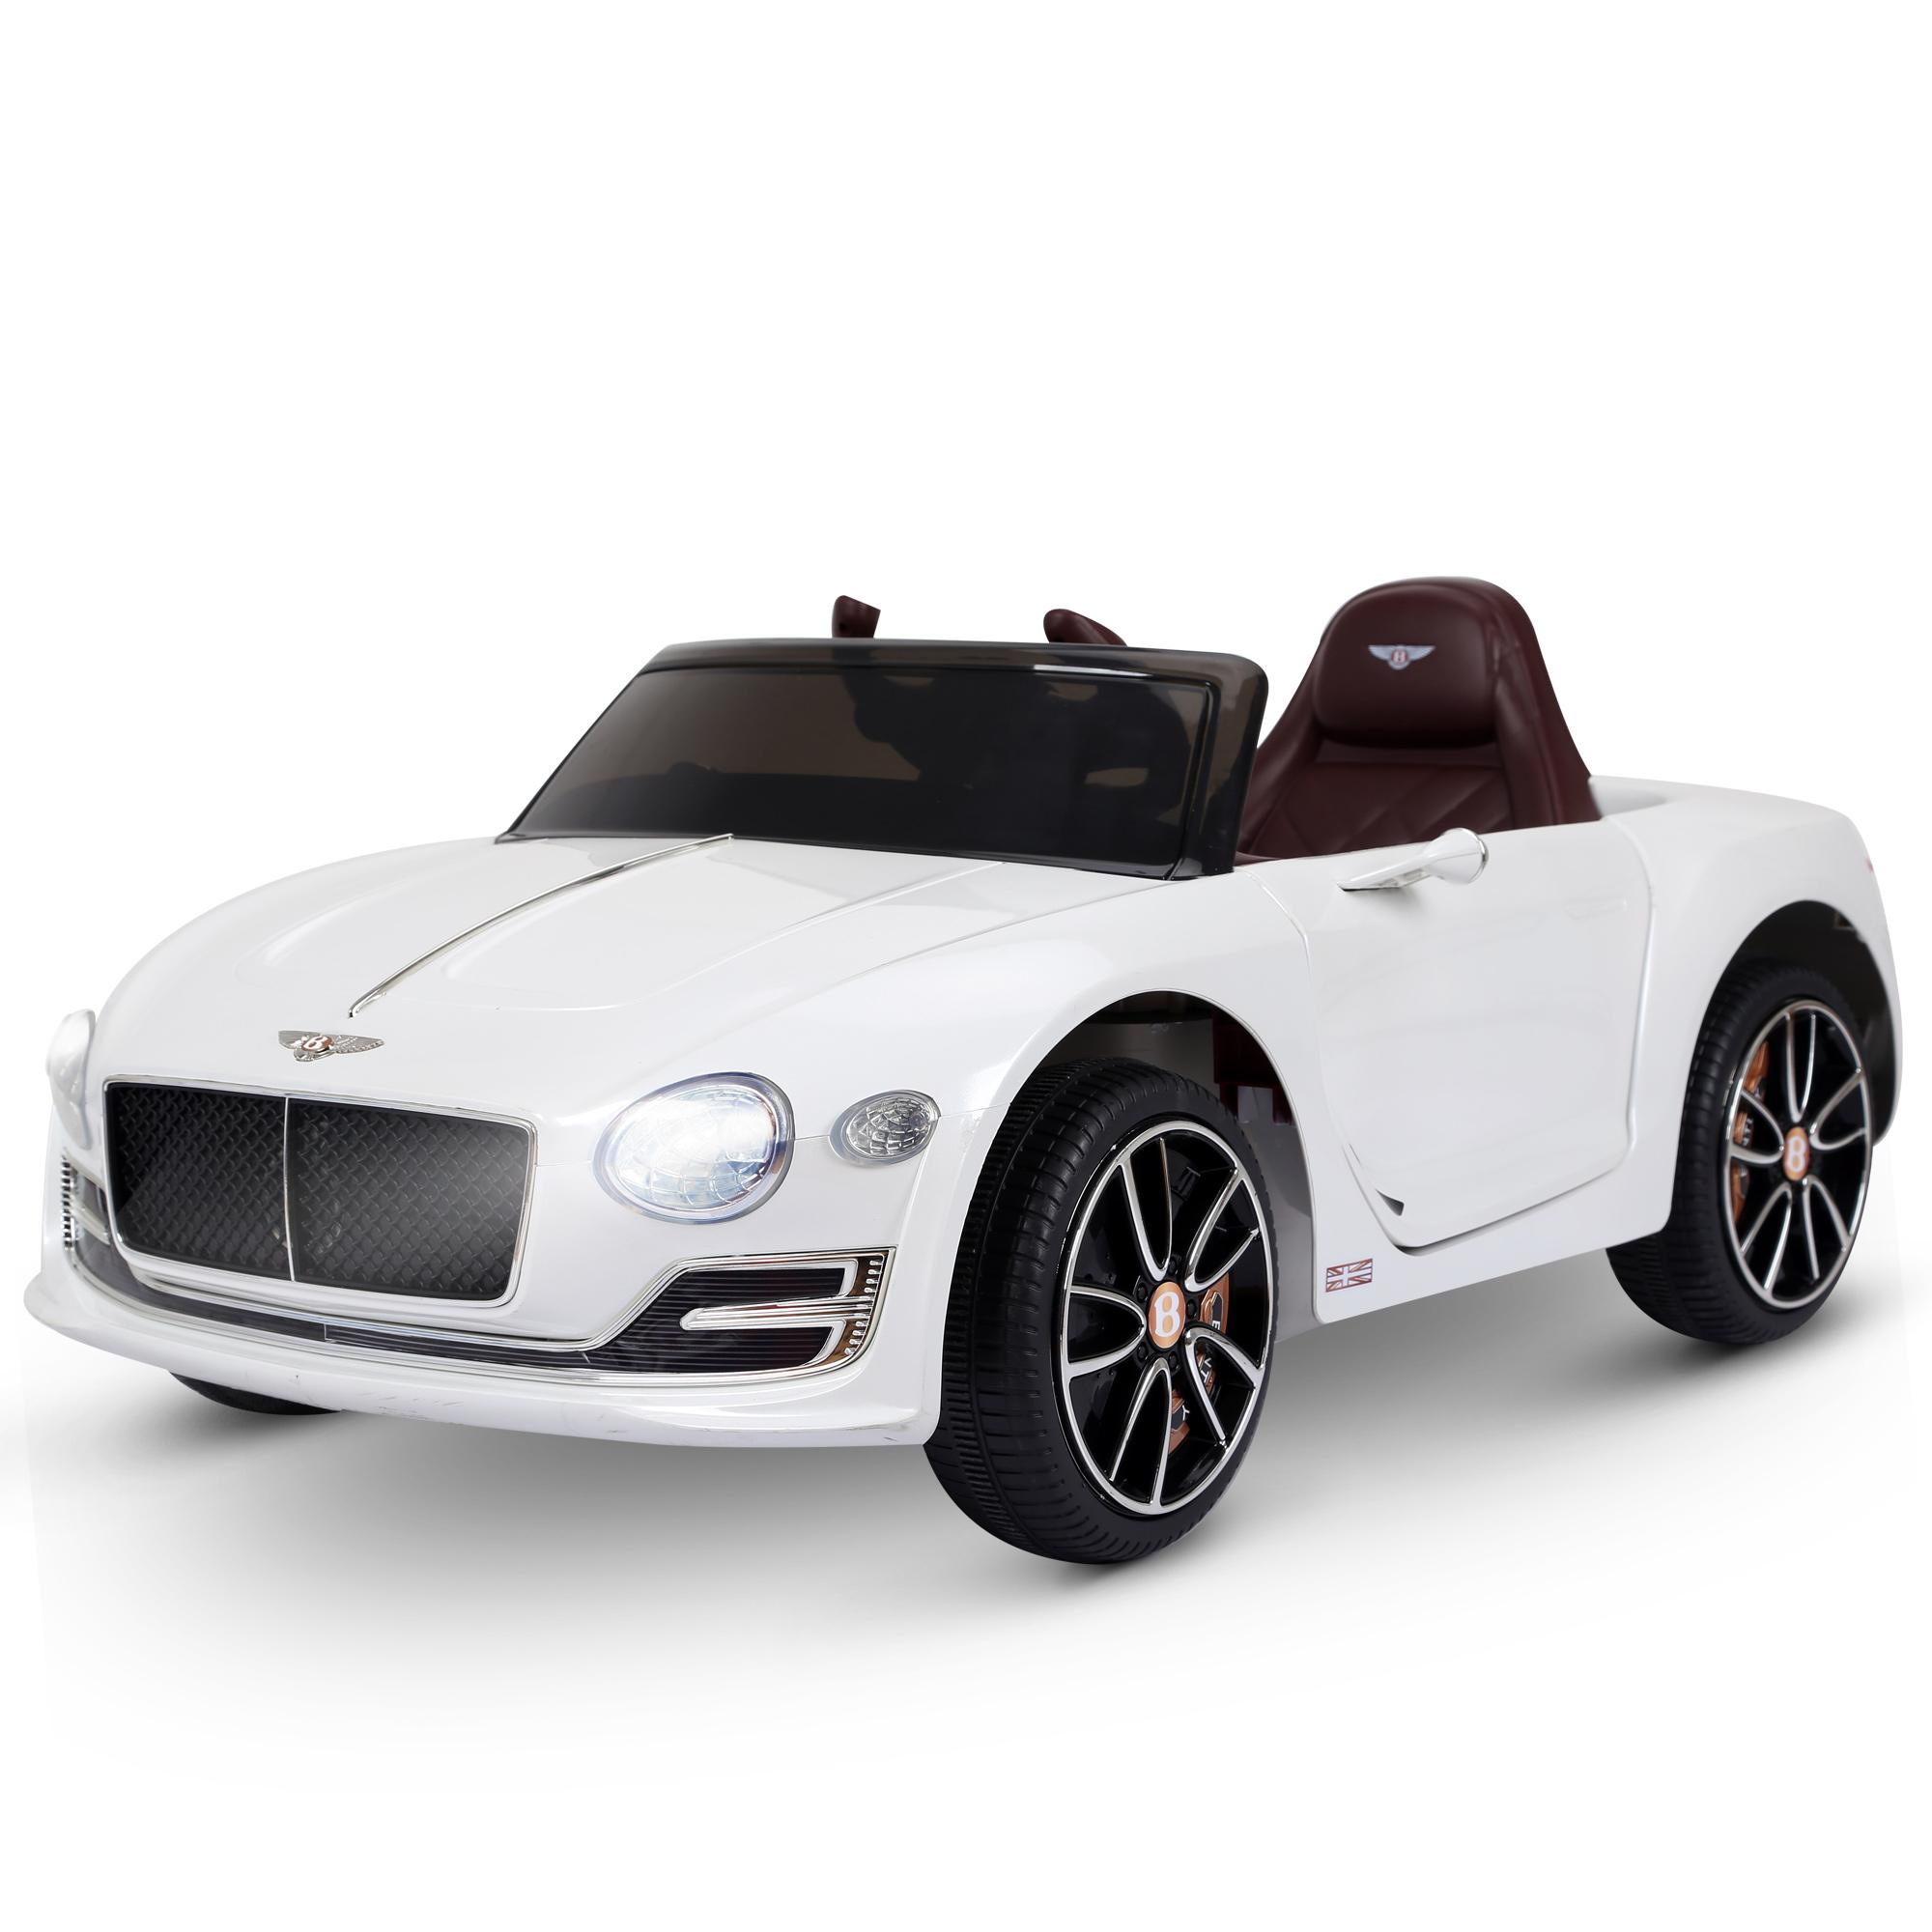 HOMCOM Coche Eléctrico para Niños 2 Modos de Control con Música Faros Brillantes Retroceder Bentley GT Licencia Automóvil Infantil 108x60x43 cm Blanco